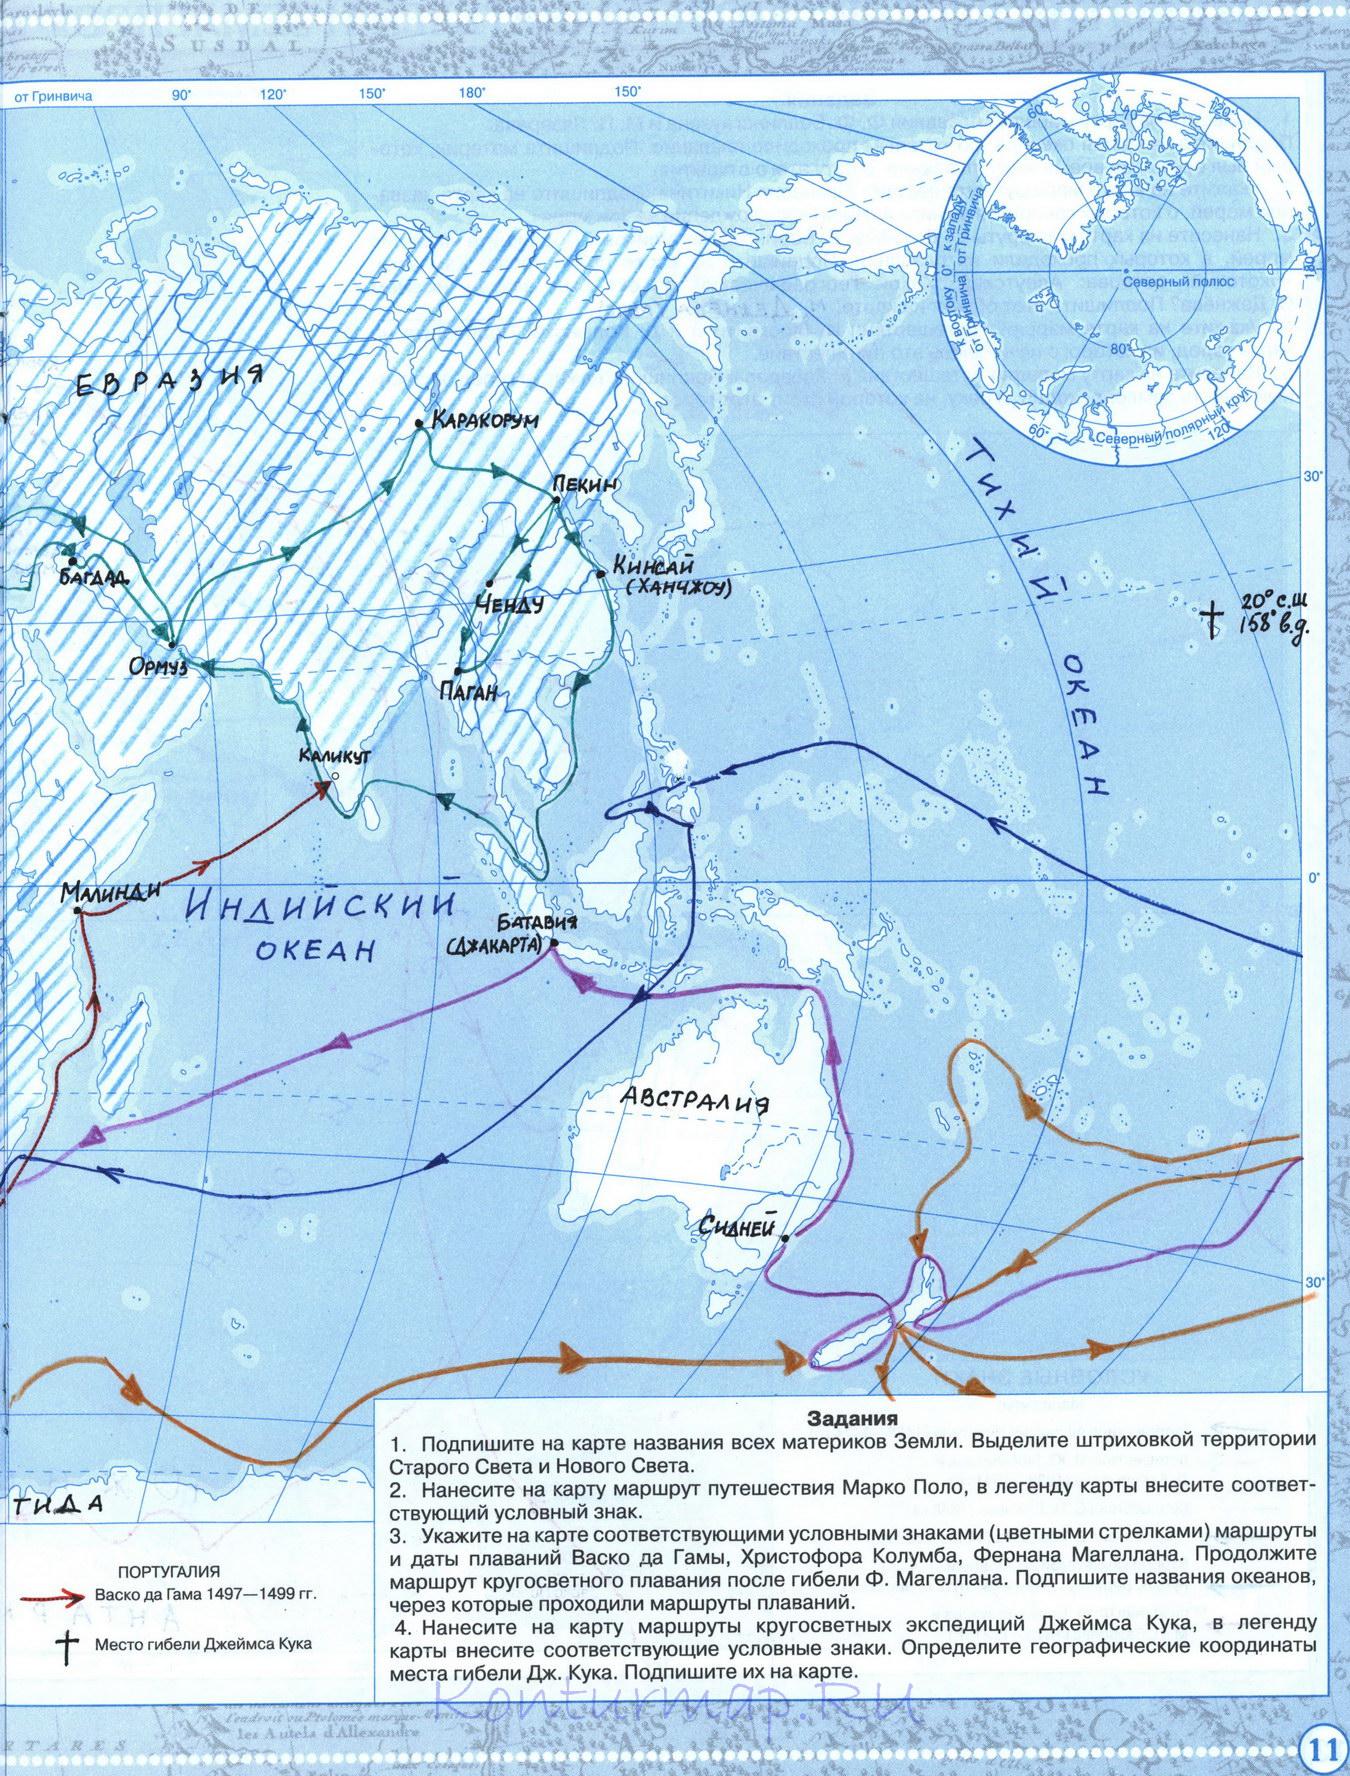 Гдз по географии 7 класс заполненная контр карта 19 параграф